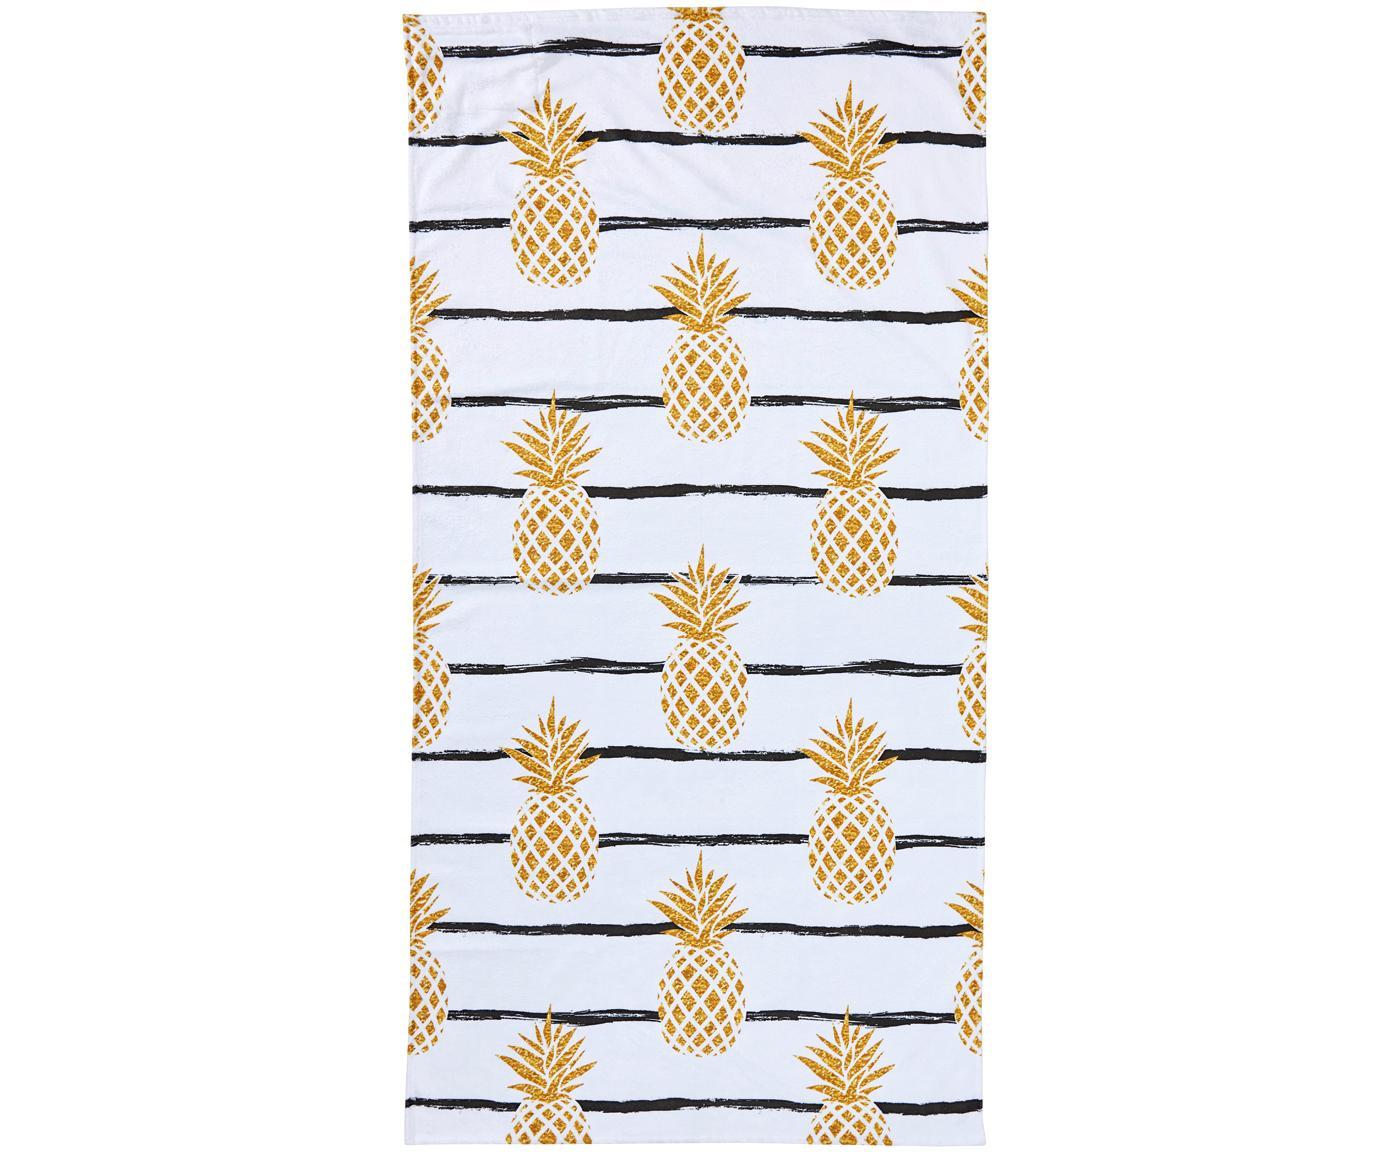 Strandlaken Case Pineapples, Onderzijde: badstof, Wit, geel, zwart, 90 x 180 cm